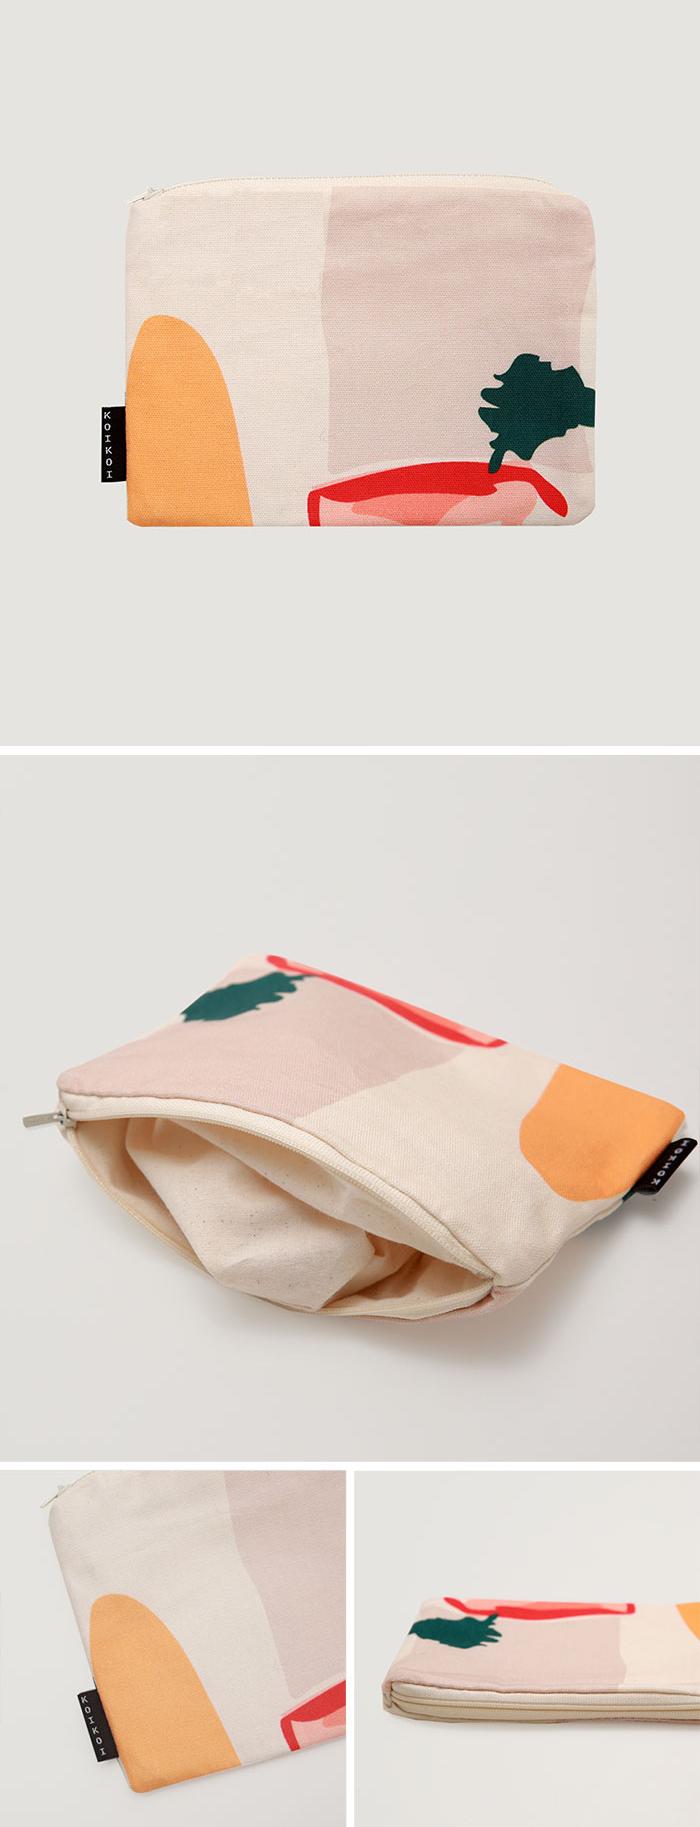 Daily scenery small pouch - 코이코이, 9,500원, 메이크업 파우치, 지퍼형